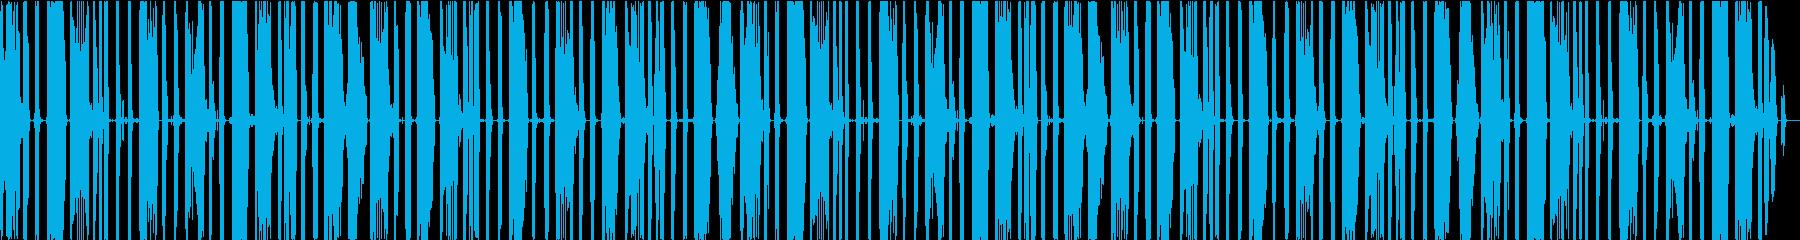 ボイスパーカッション・ビートボックス_7の再生済みの波形